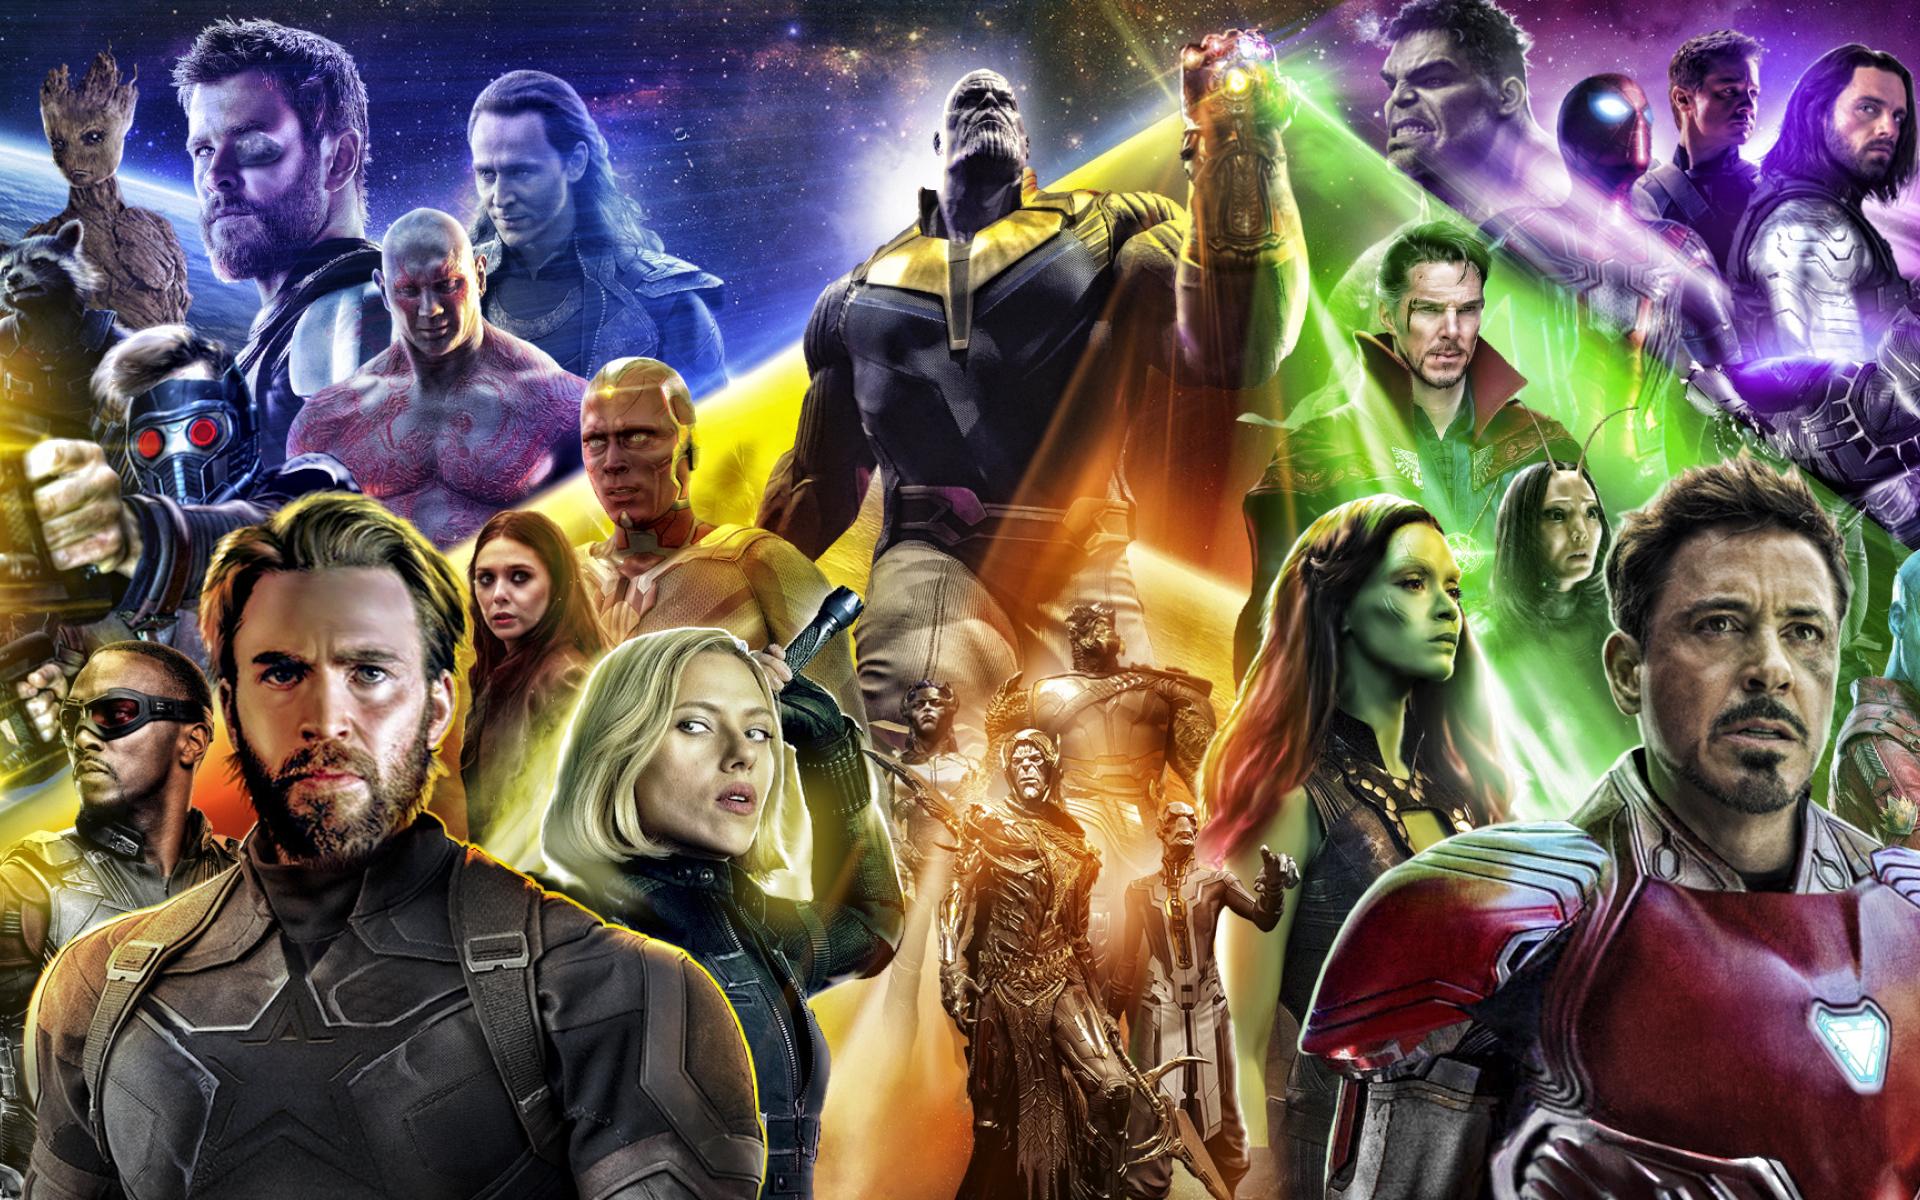 復仇者聯盟4 Picture: Download Avengers Infinty War 2018 Poster 7680x4320 Resolution, Full HD Wallpaper